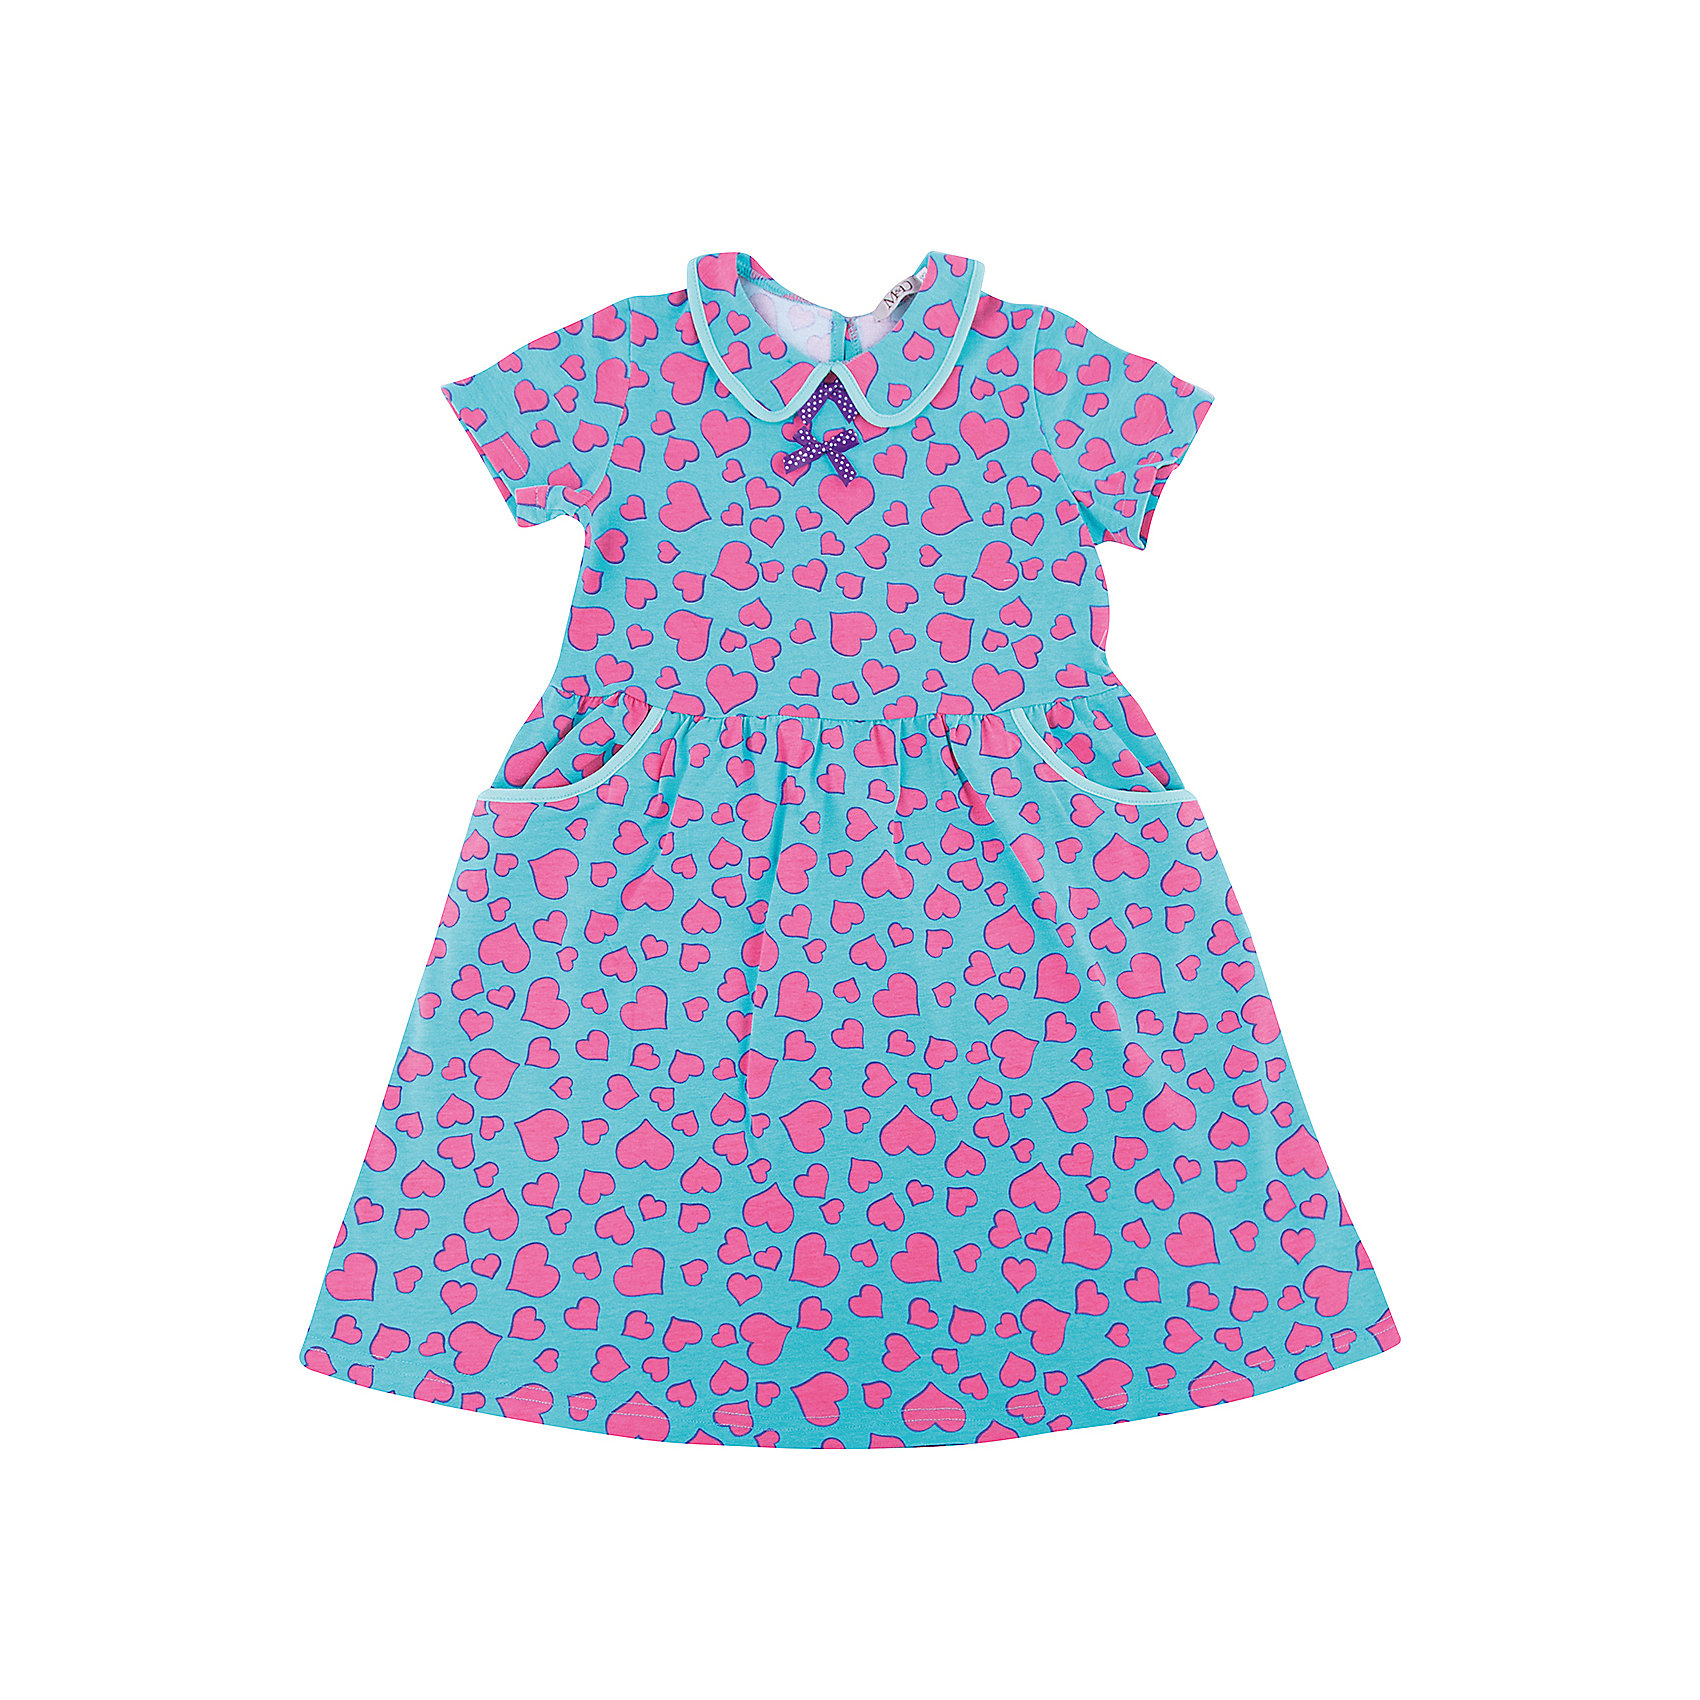 Платье M&amp;D для девочкиПлатья и сарафаны<br>Характеристики товара:<br><br>• цвет: голубой<br>• состав: 100% хлопок<br>• сезон: лето<br>• застежка: пуговица<br>• короткие рукава<br>• декор: принт, текстильные цветы<br>• страна бренда: Россия<br>• страна производства: Россия<br><br>Летнее платье дл девочки отличается оригинальным дизайном. Платье для девочки легко надевается благодаря пуговице сзади. Детское платье отлично подходит для ношения в теплую погоду. <br><br>Платье M&amp;D для девочки можно купить в нашем интернет-магазине.<br><br>Ширина мм: 236<br>Глубина мм: 16<br>Высота мм: 184<br>Вес г: 177<br>Цвет: голубой<br>Возраст от месяцев: 24<br>Возраст до месяцев: 36<br>Пол: Женский<br>Возраст: Детский<br>Размер: 98,104,110,116,122,128<br>SKU: 7012487